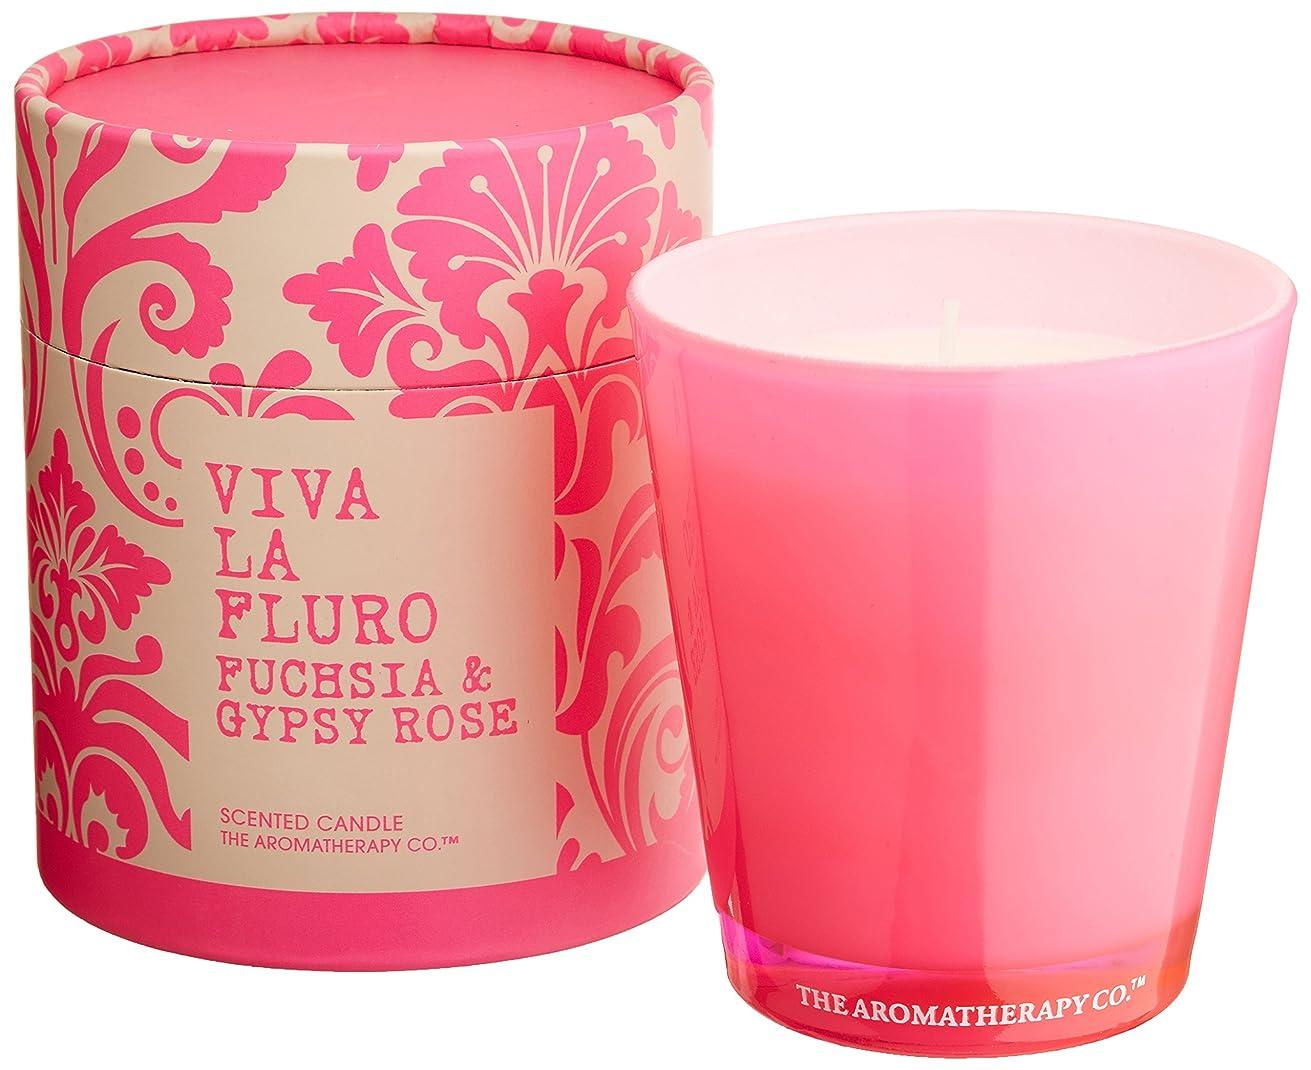 アプローチバース塗抹VIVA LA FLURO センティッドキャンドル フューシャ&ジプシーローズ Fuchsia&Gypsy Rose ビバ?ラ?フルーロ